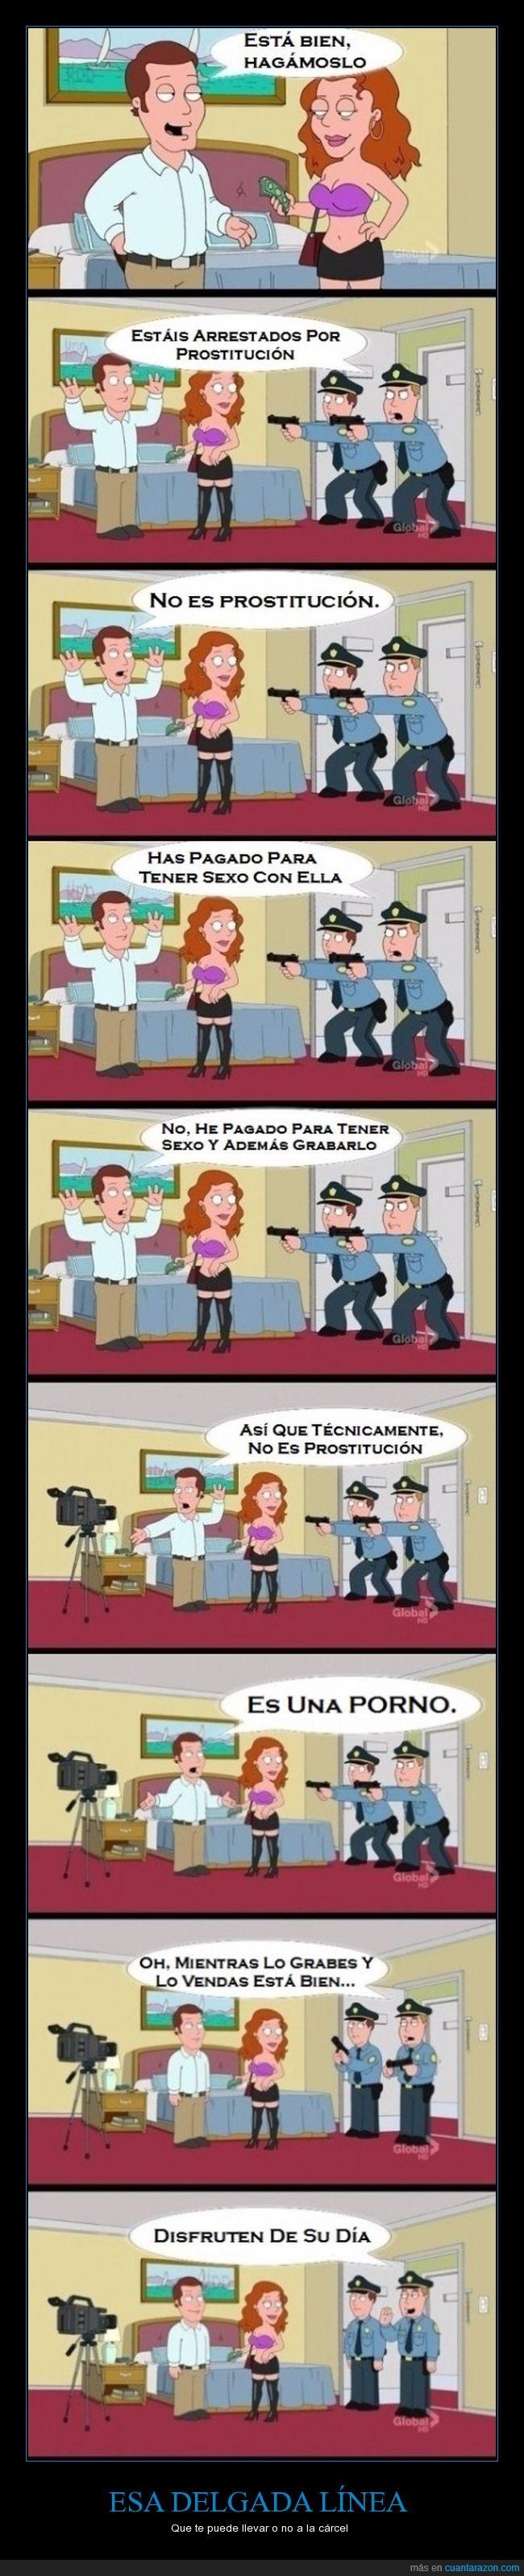 filmar,policía,prostitución,vídeo x